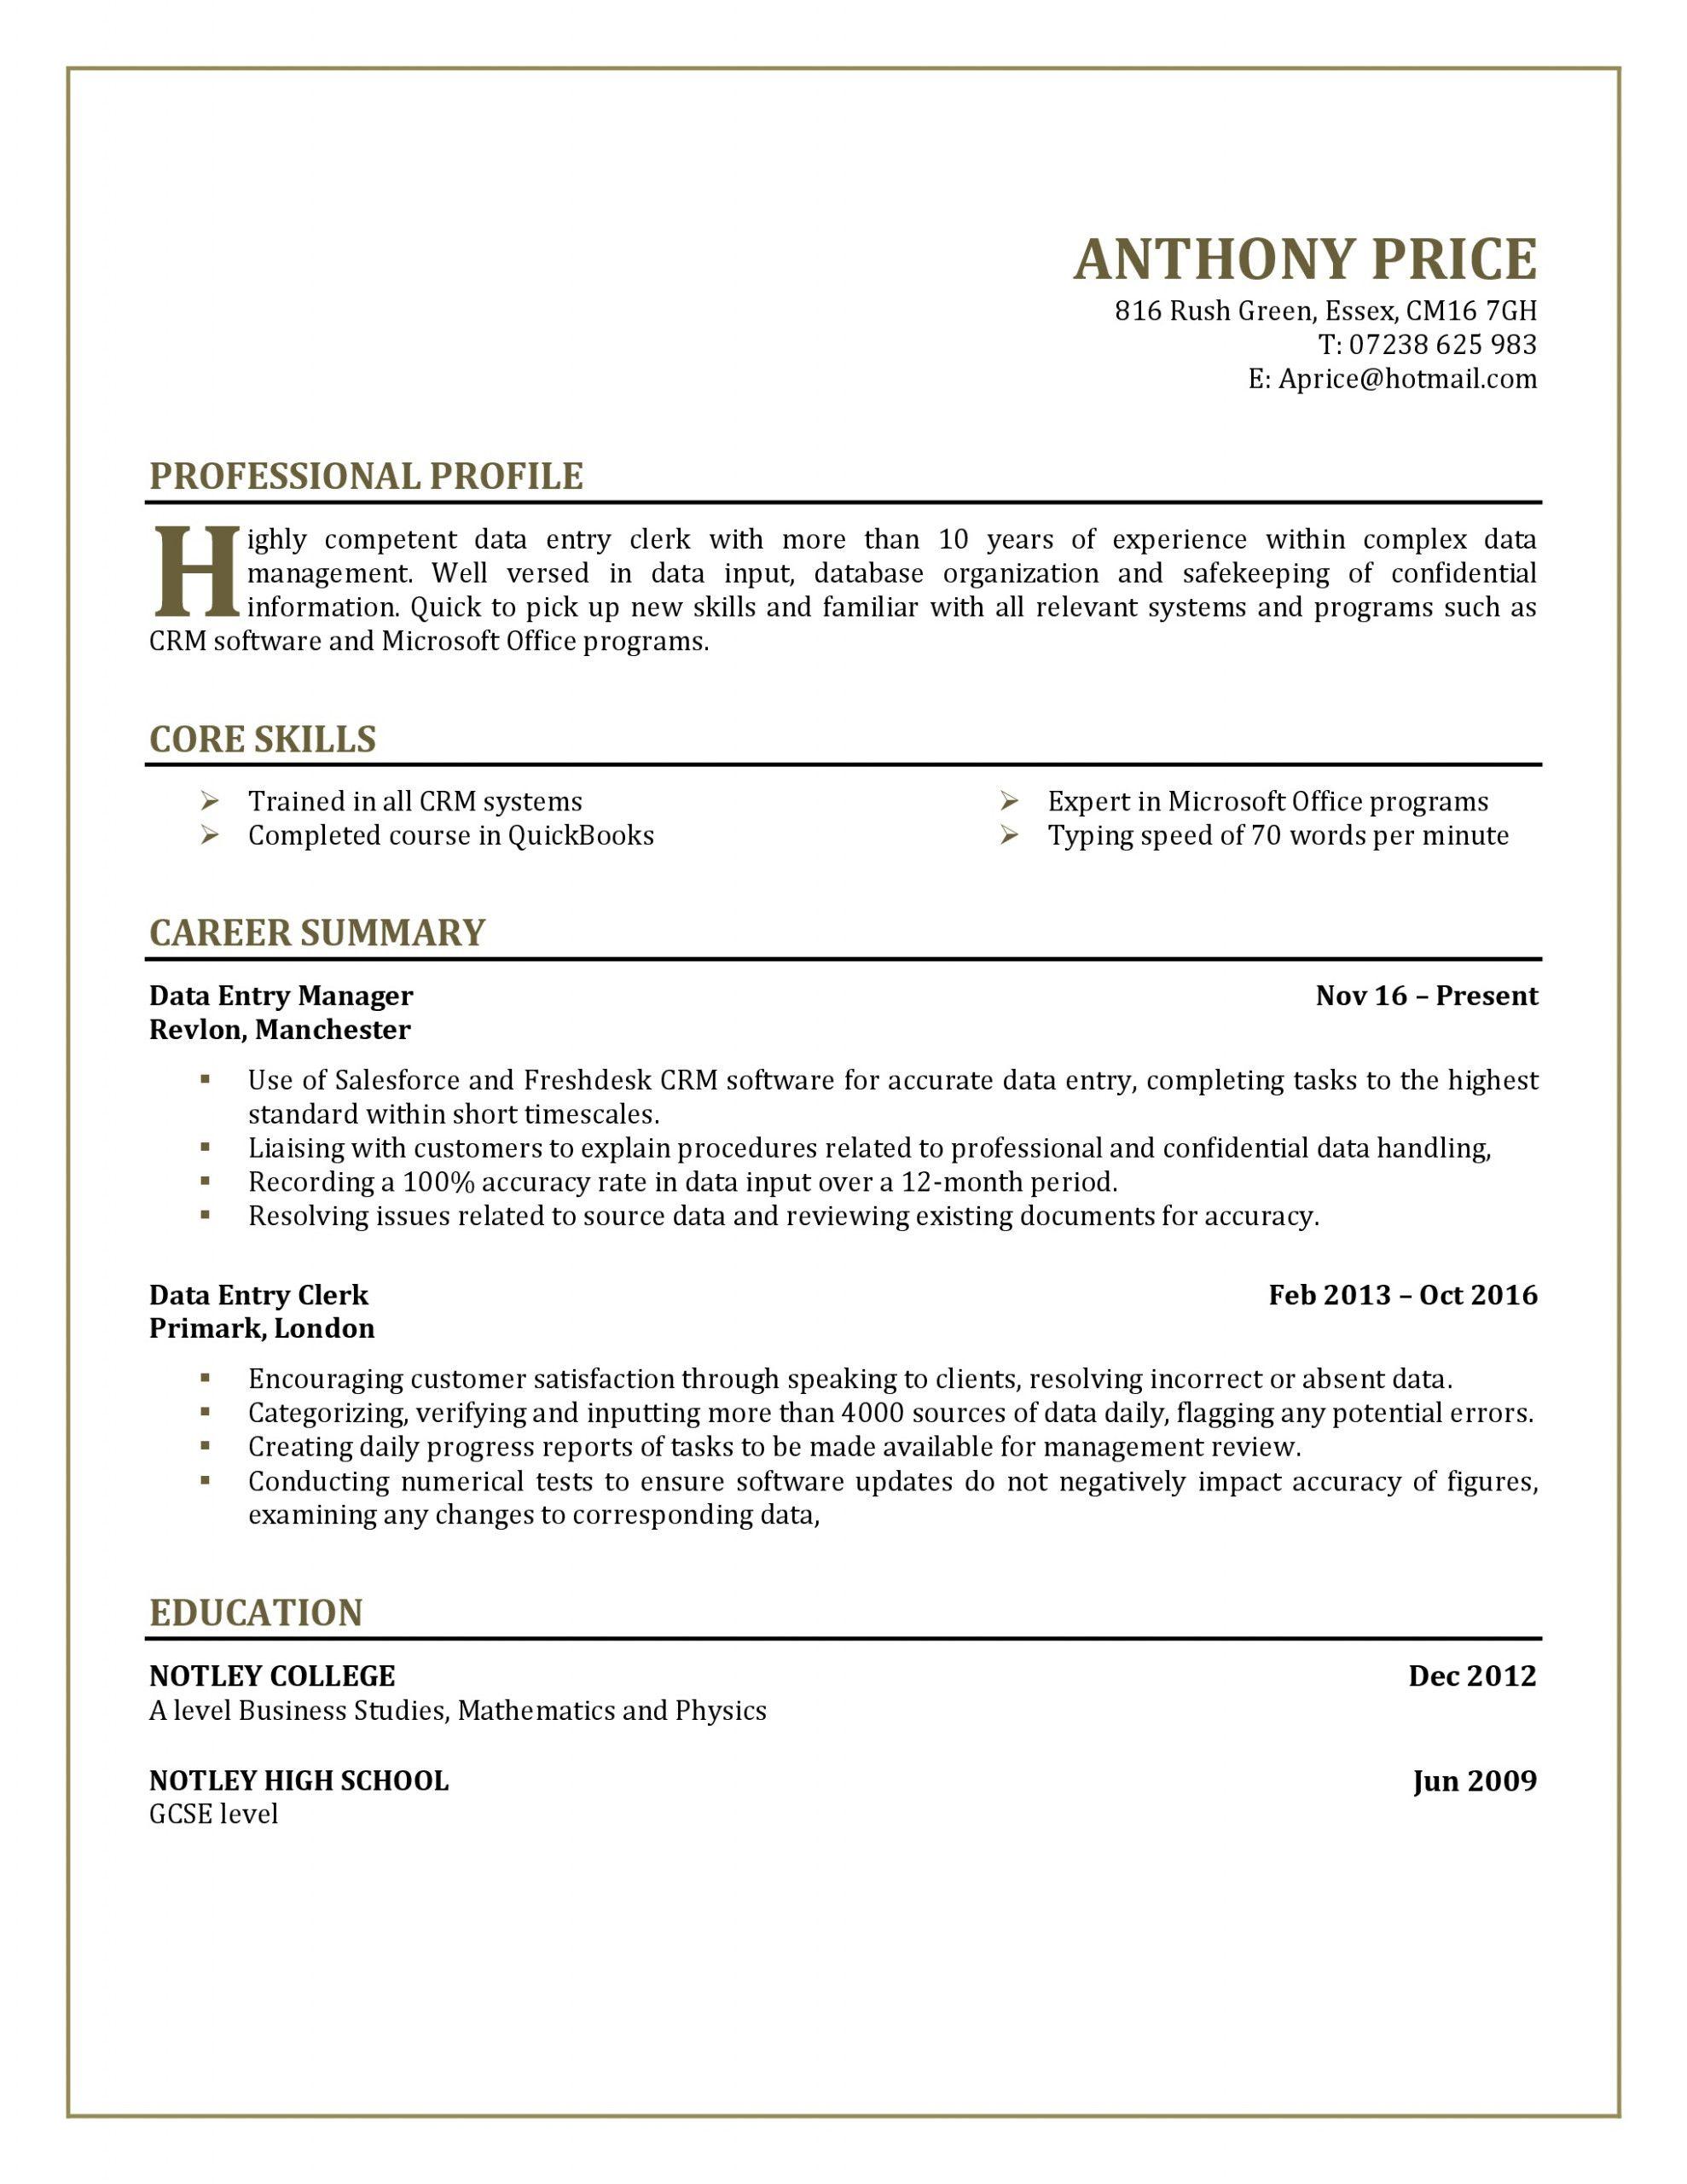 10 Very Primary Resume